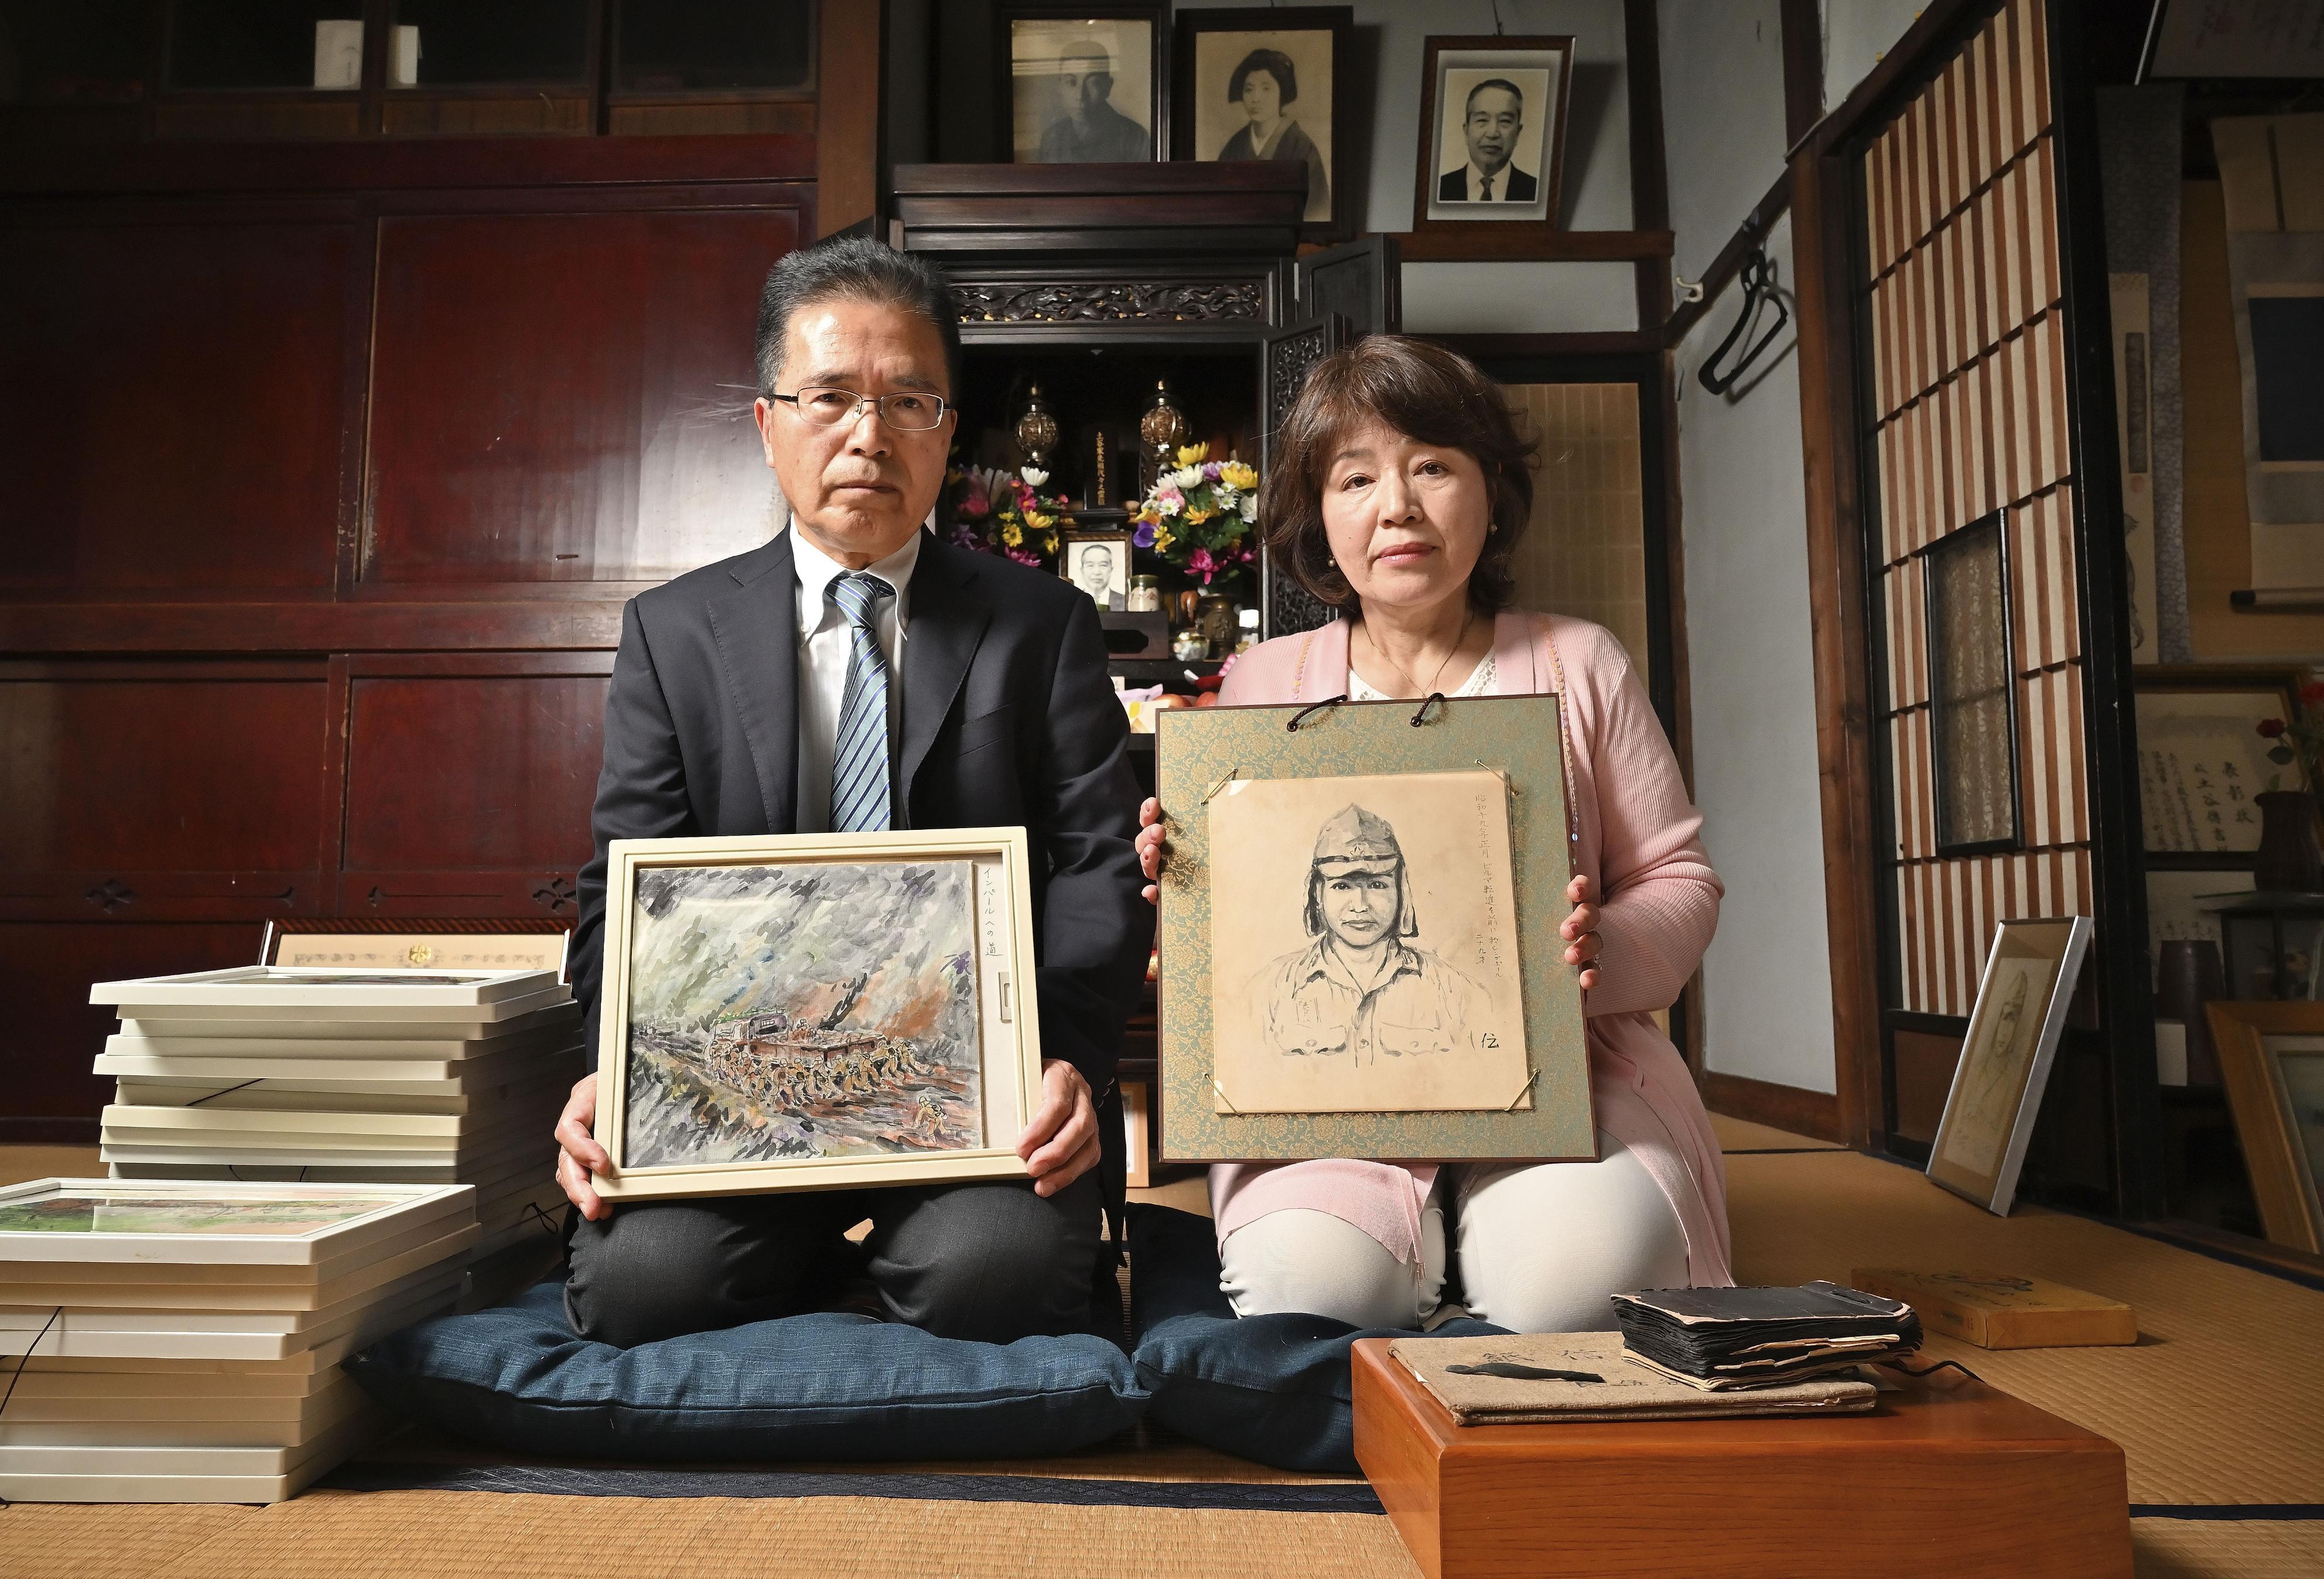 父土谷伝吉の自画像を持つ平岩真理と「インパール平和資料館」に寄贈の絵を手にする長男土谷仁志=静岡市